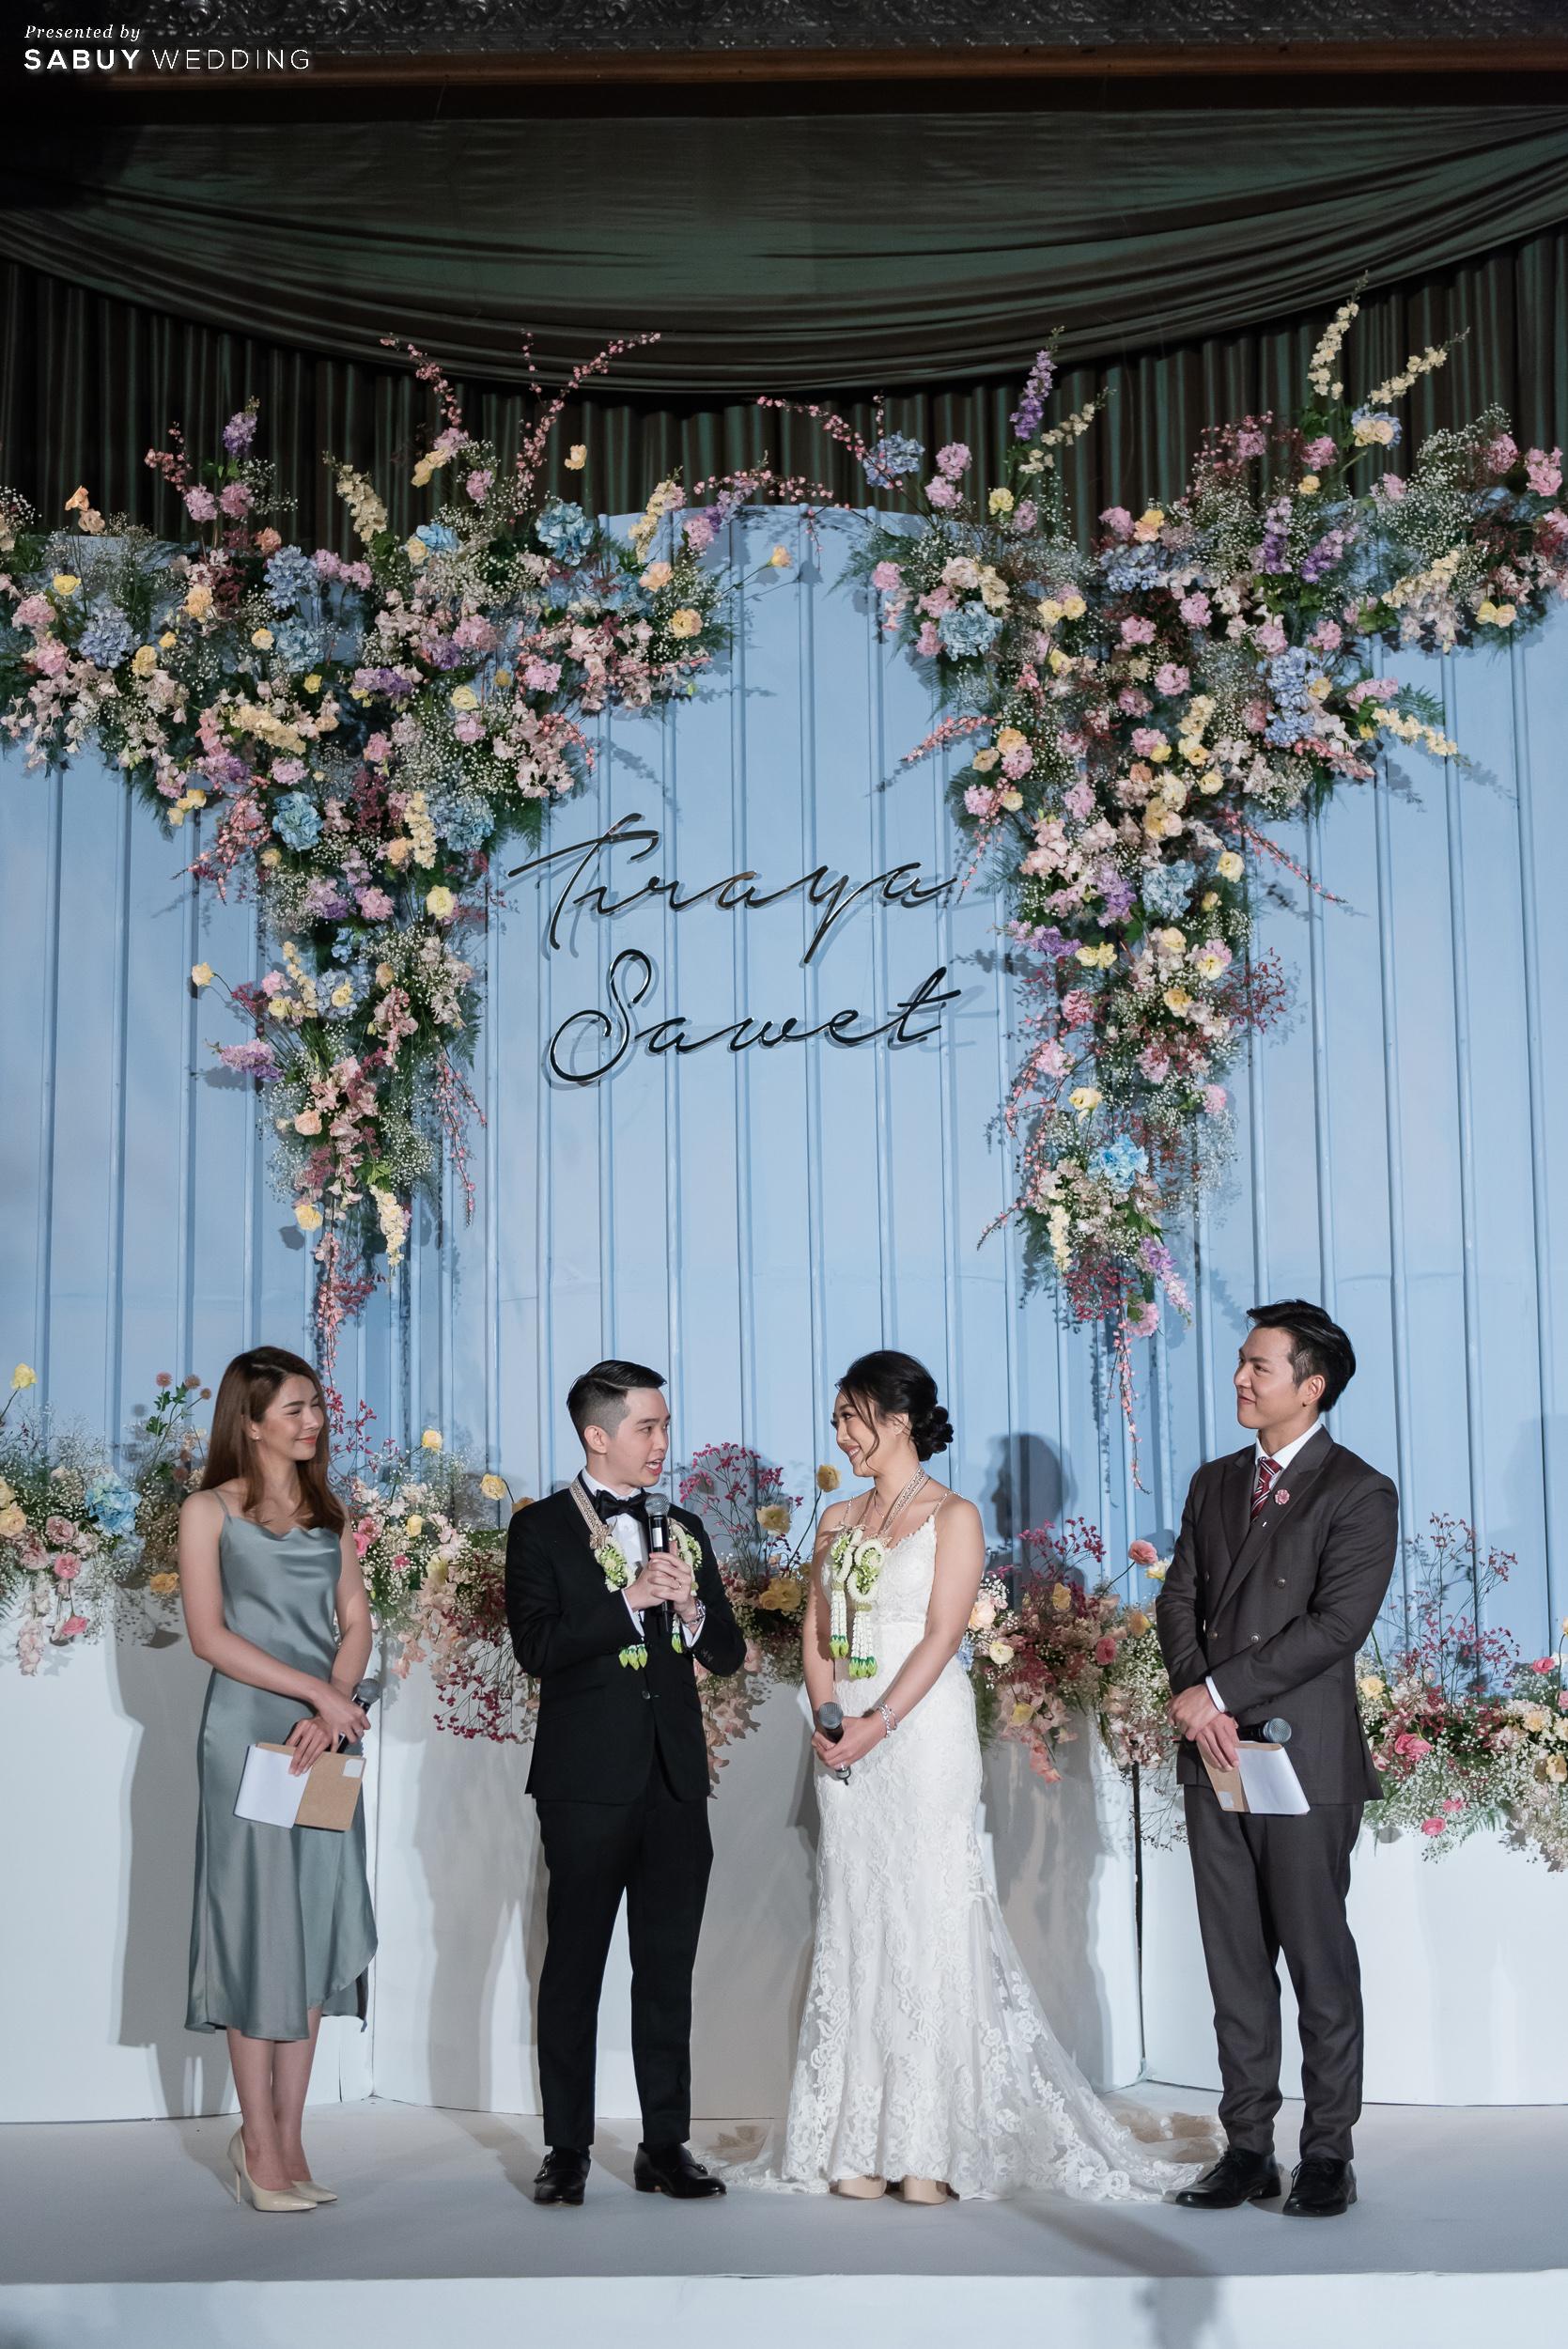 งานแต่งงาน รีวิวงานแต่งสุด Classy ด้วยธีมสี Slate Blue และคริสตัล @ Grand Hyatt Erawan Bangkok